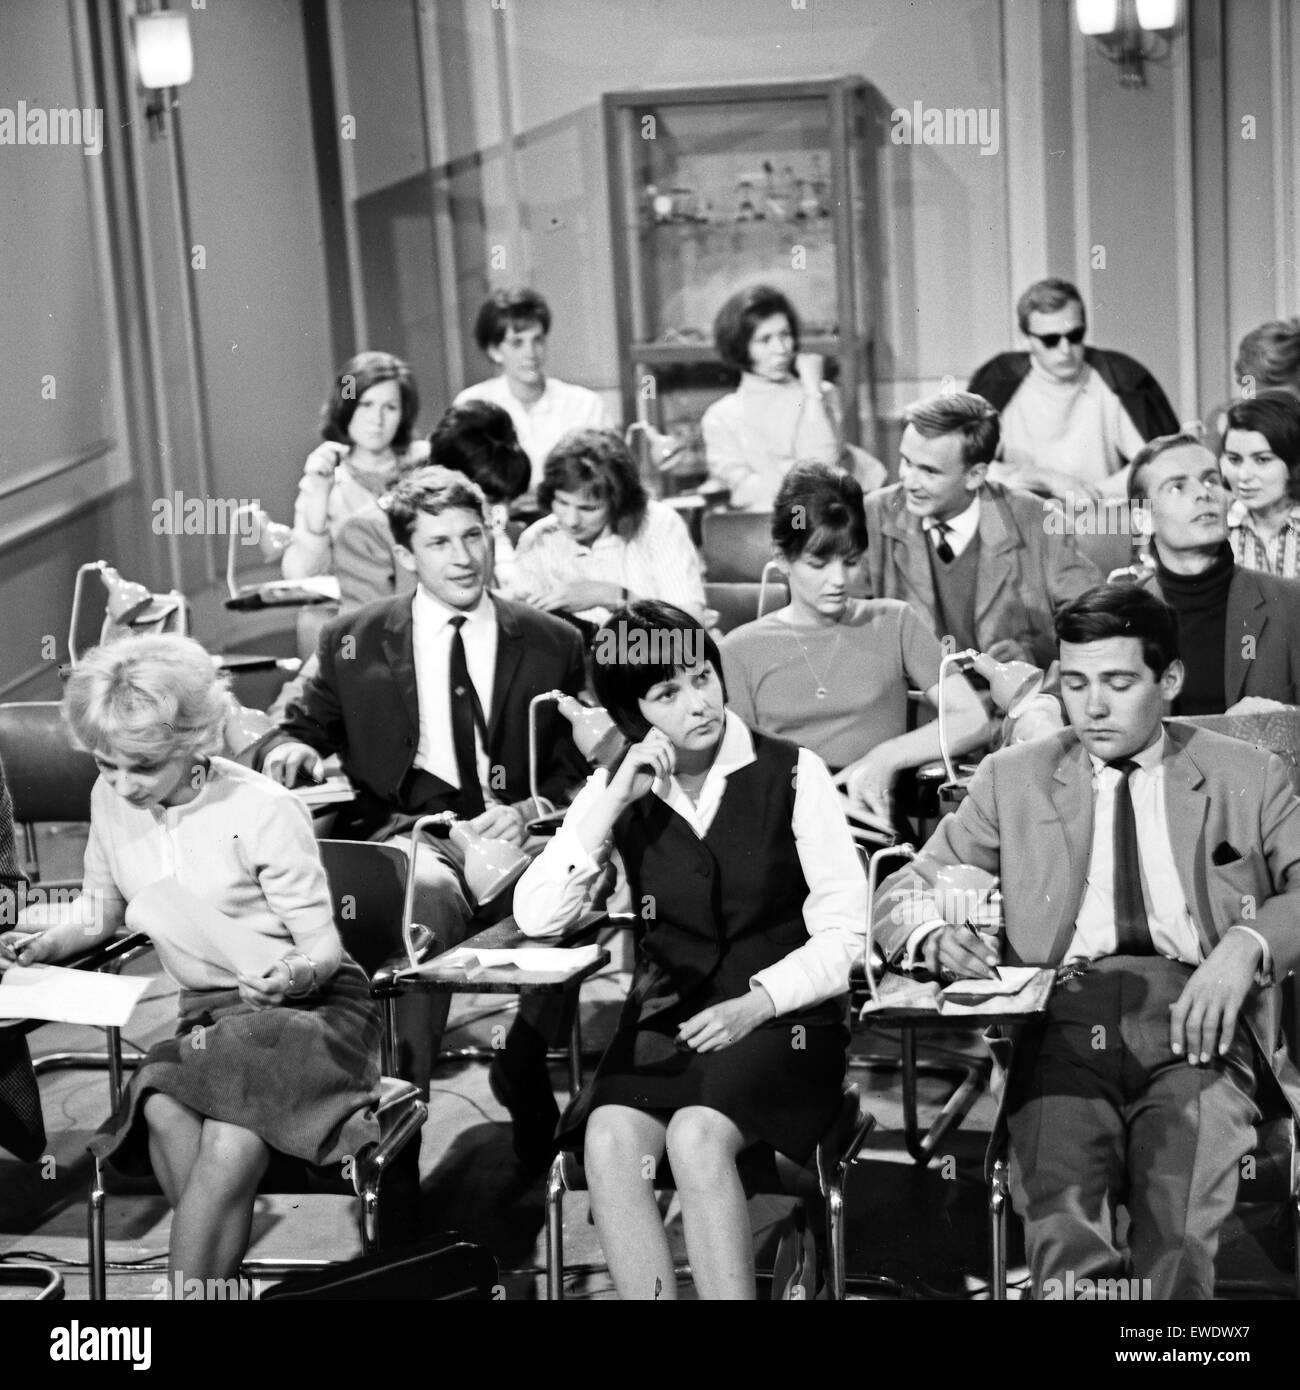 Schule für Eheleute, Fernsehfilm, Deutschland 1965, Regie: Ruprecht Essberger, Szenenfoto - Stock Image